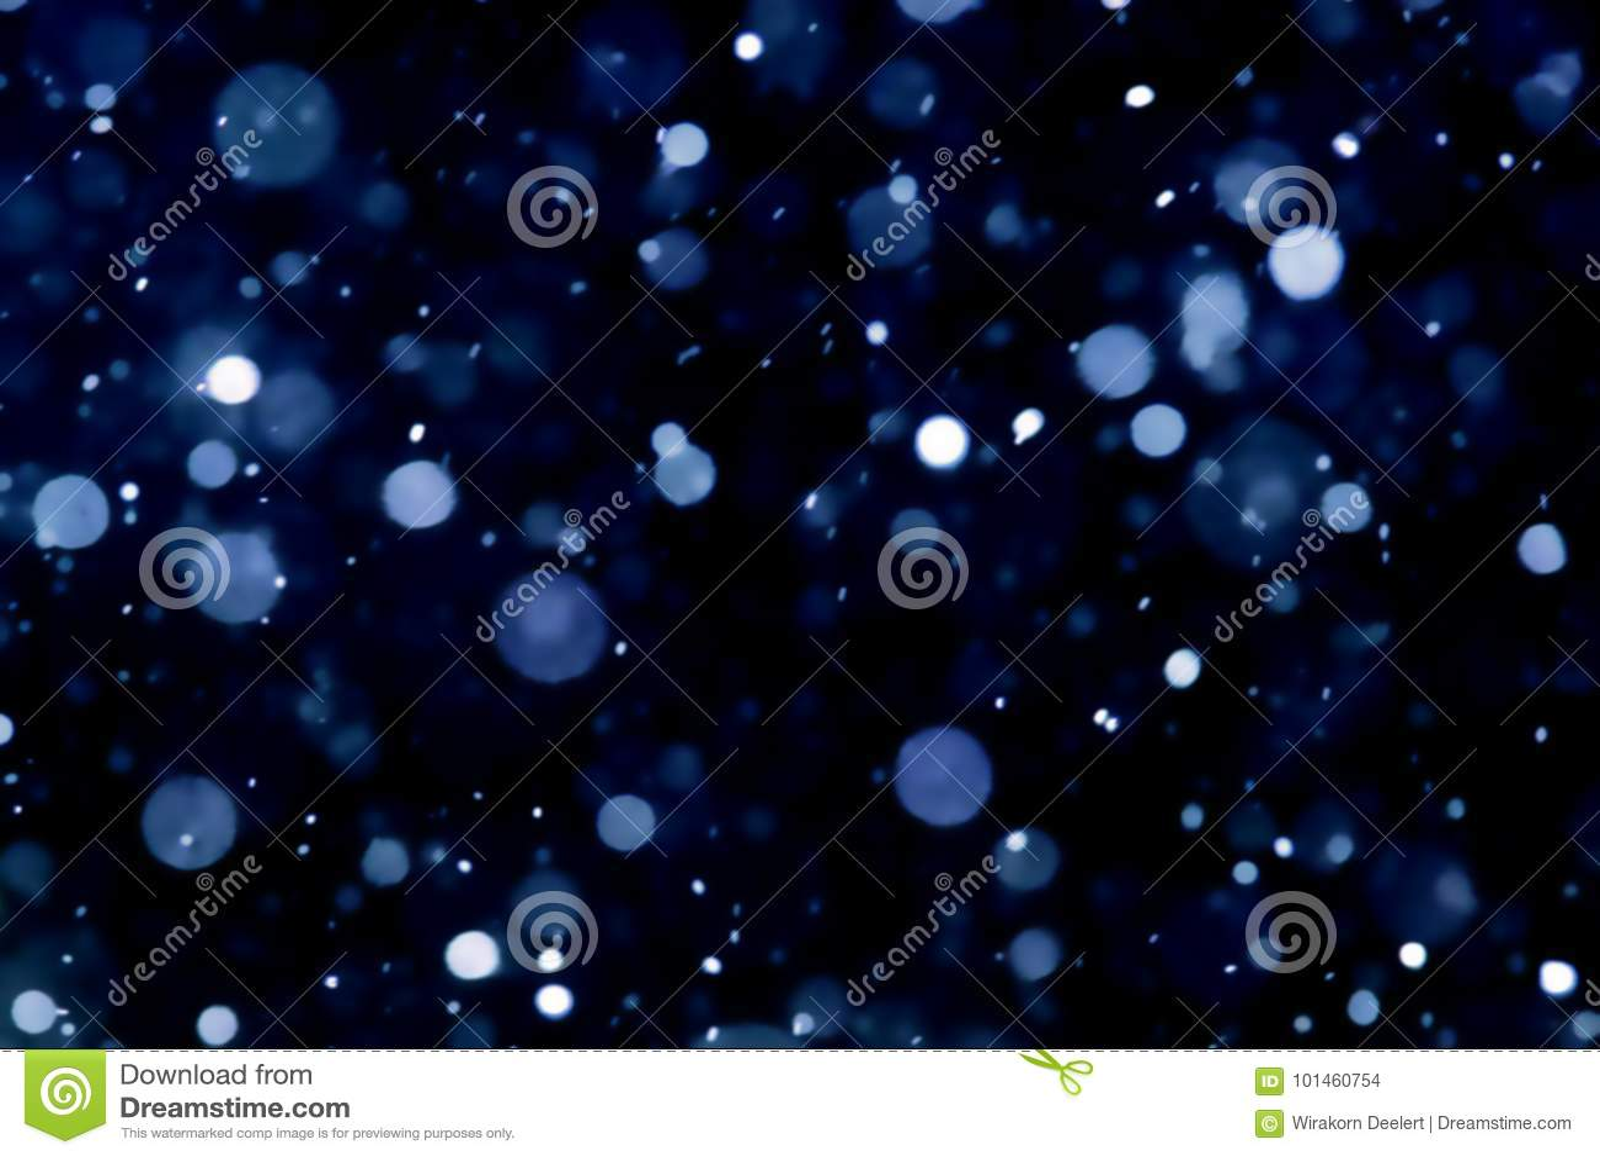 Bokeh Lichteffekt Colorfull-Unschärfe-Zusammenfassungshintergrund